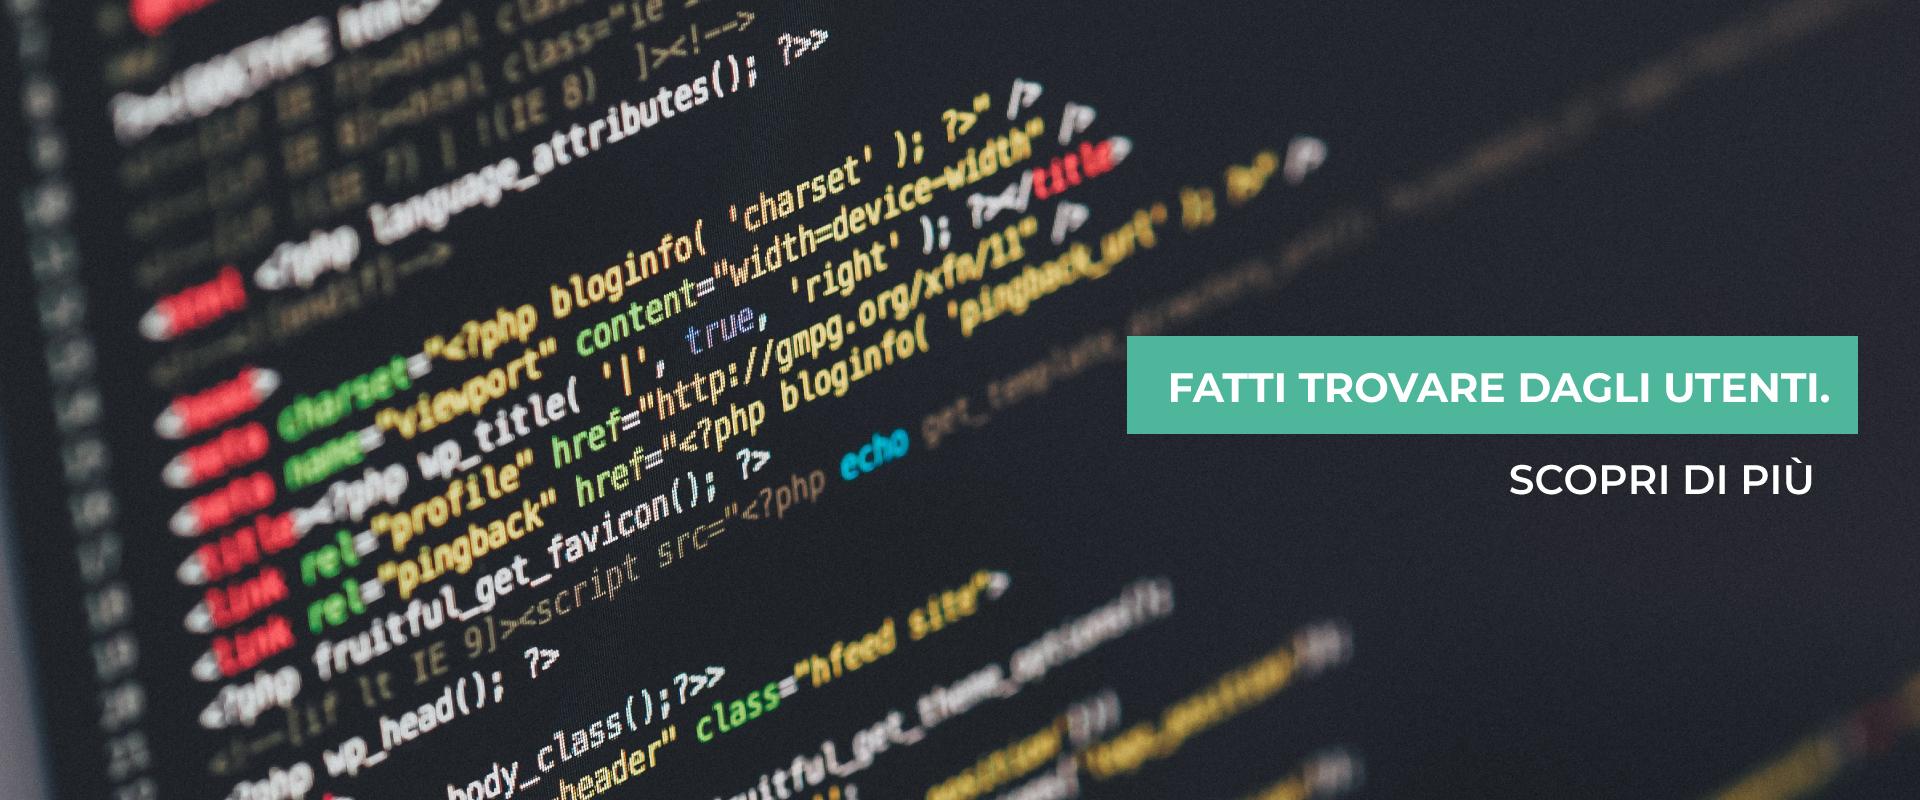 monitor-con-codici-html-sito-allaseconda